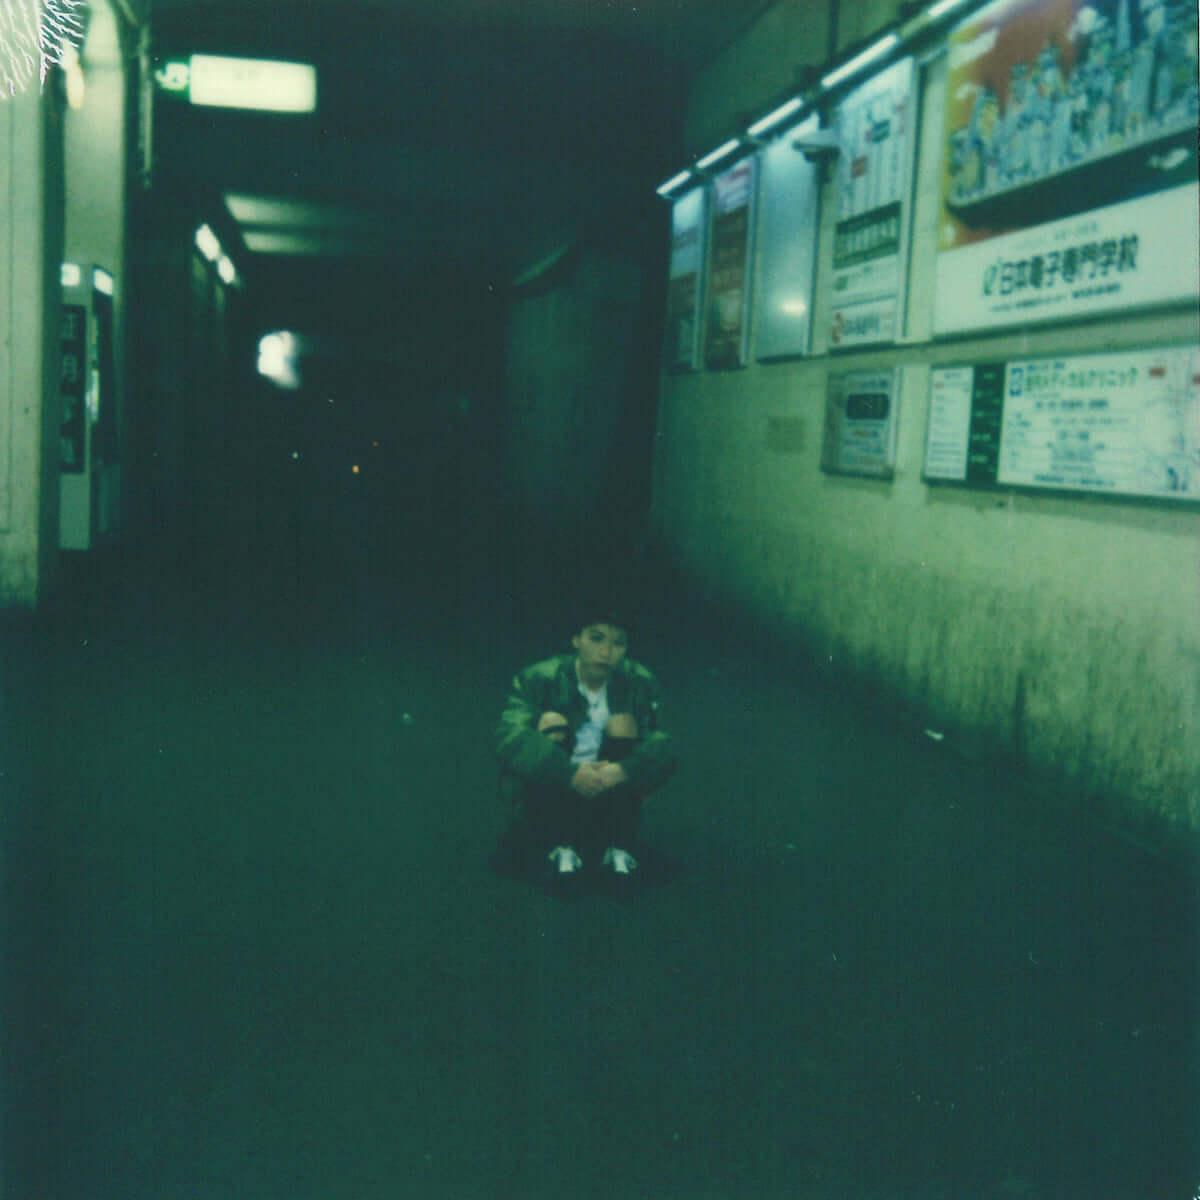 Kvi Baba、早くも2nd EP「19」から先行曲『A Bright feat. SALU』をリリース|作品にはBACHLOGICやGaius Okamoto、Minchanbabyが参加 music190226-kvibaba-31-1200x1200